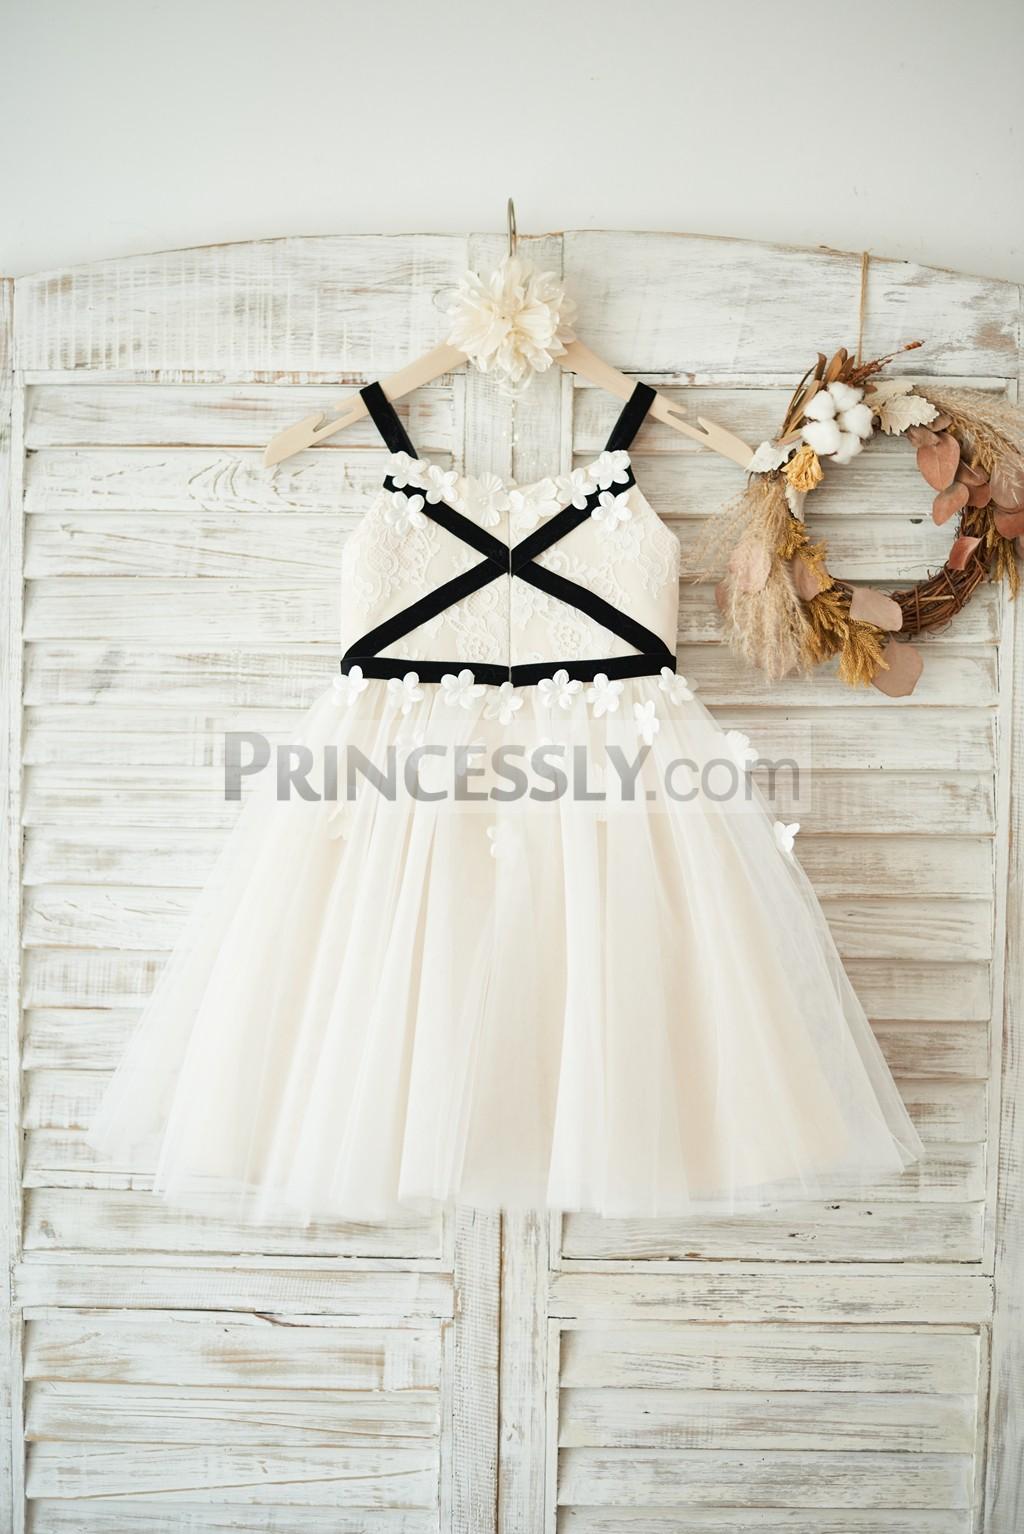 Lace tulle black velvet wedding baby girl dress